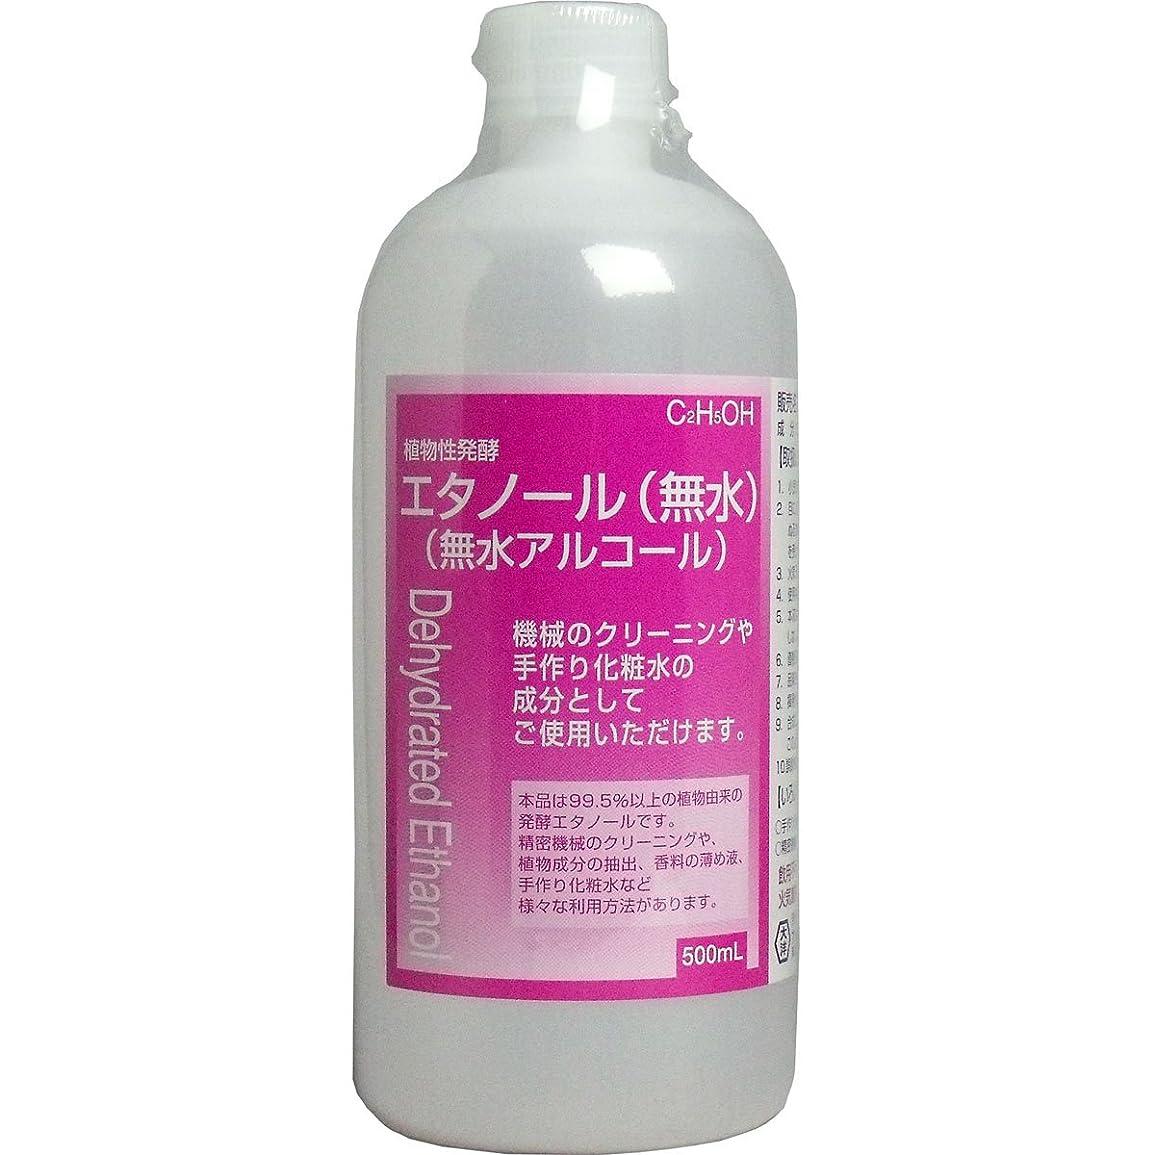 ベッド付与間違えた手作り化粧水に 植物性発酵エタノール(無水エタノール) 500mL 4本セット